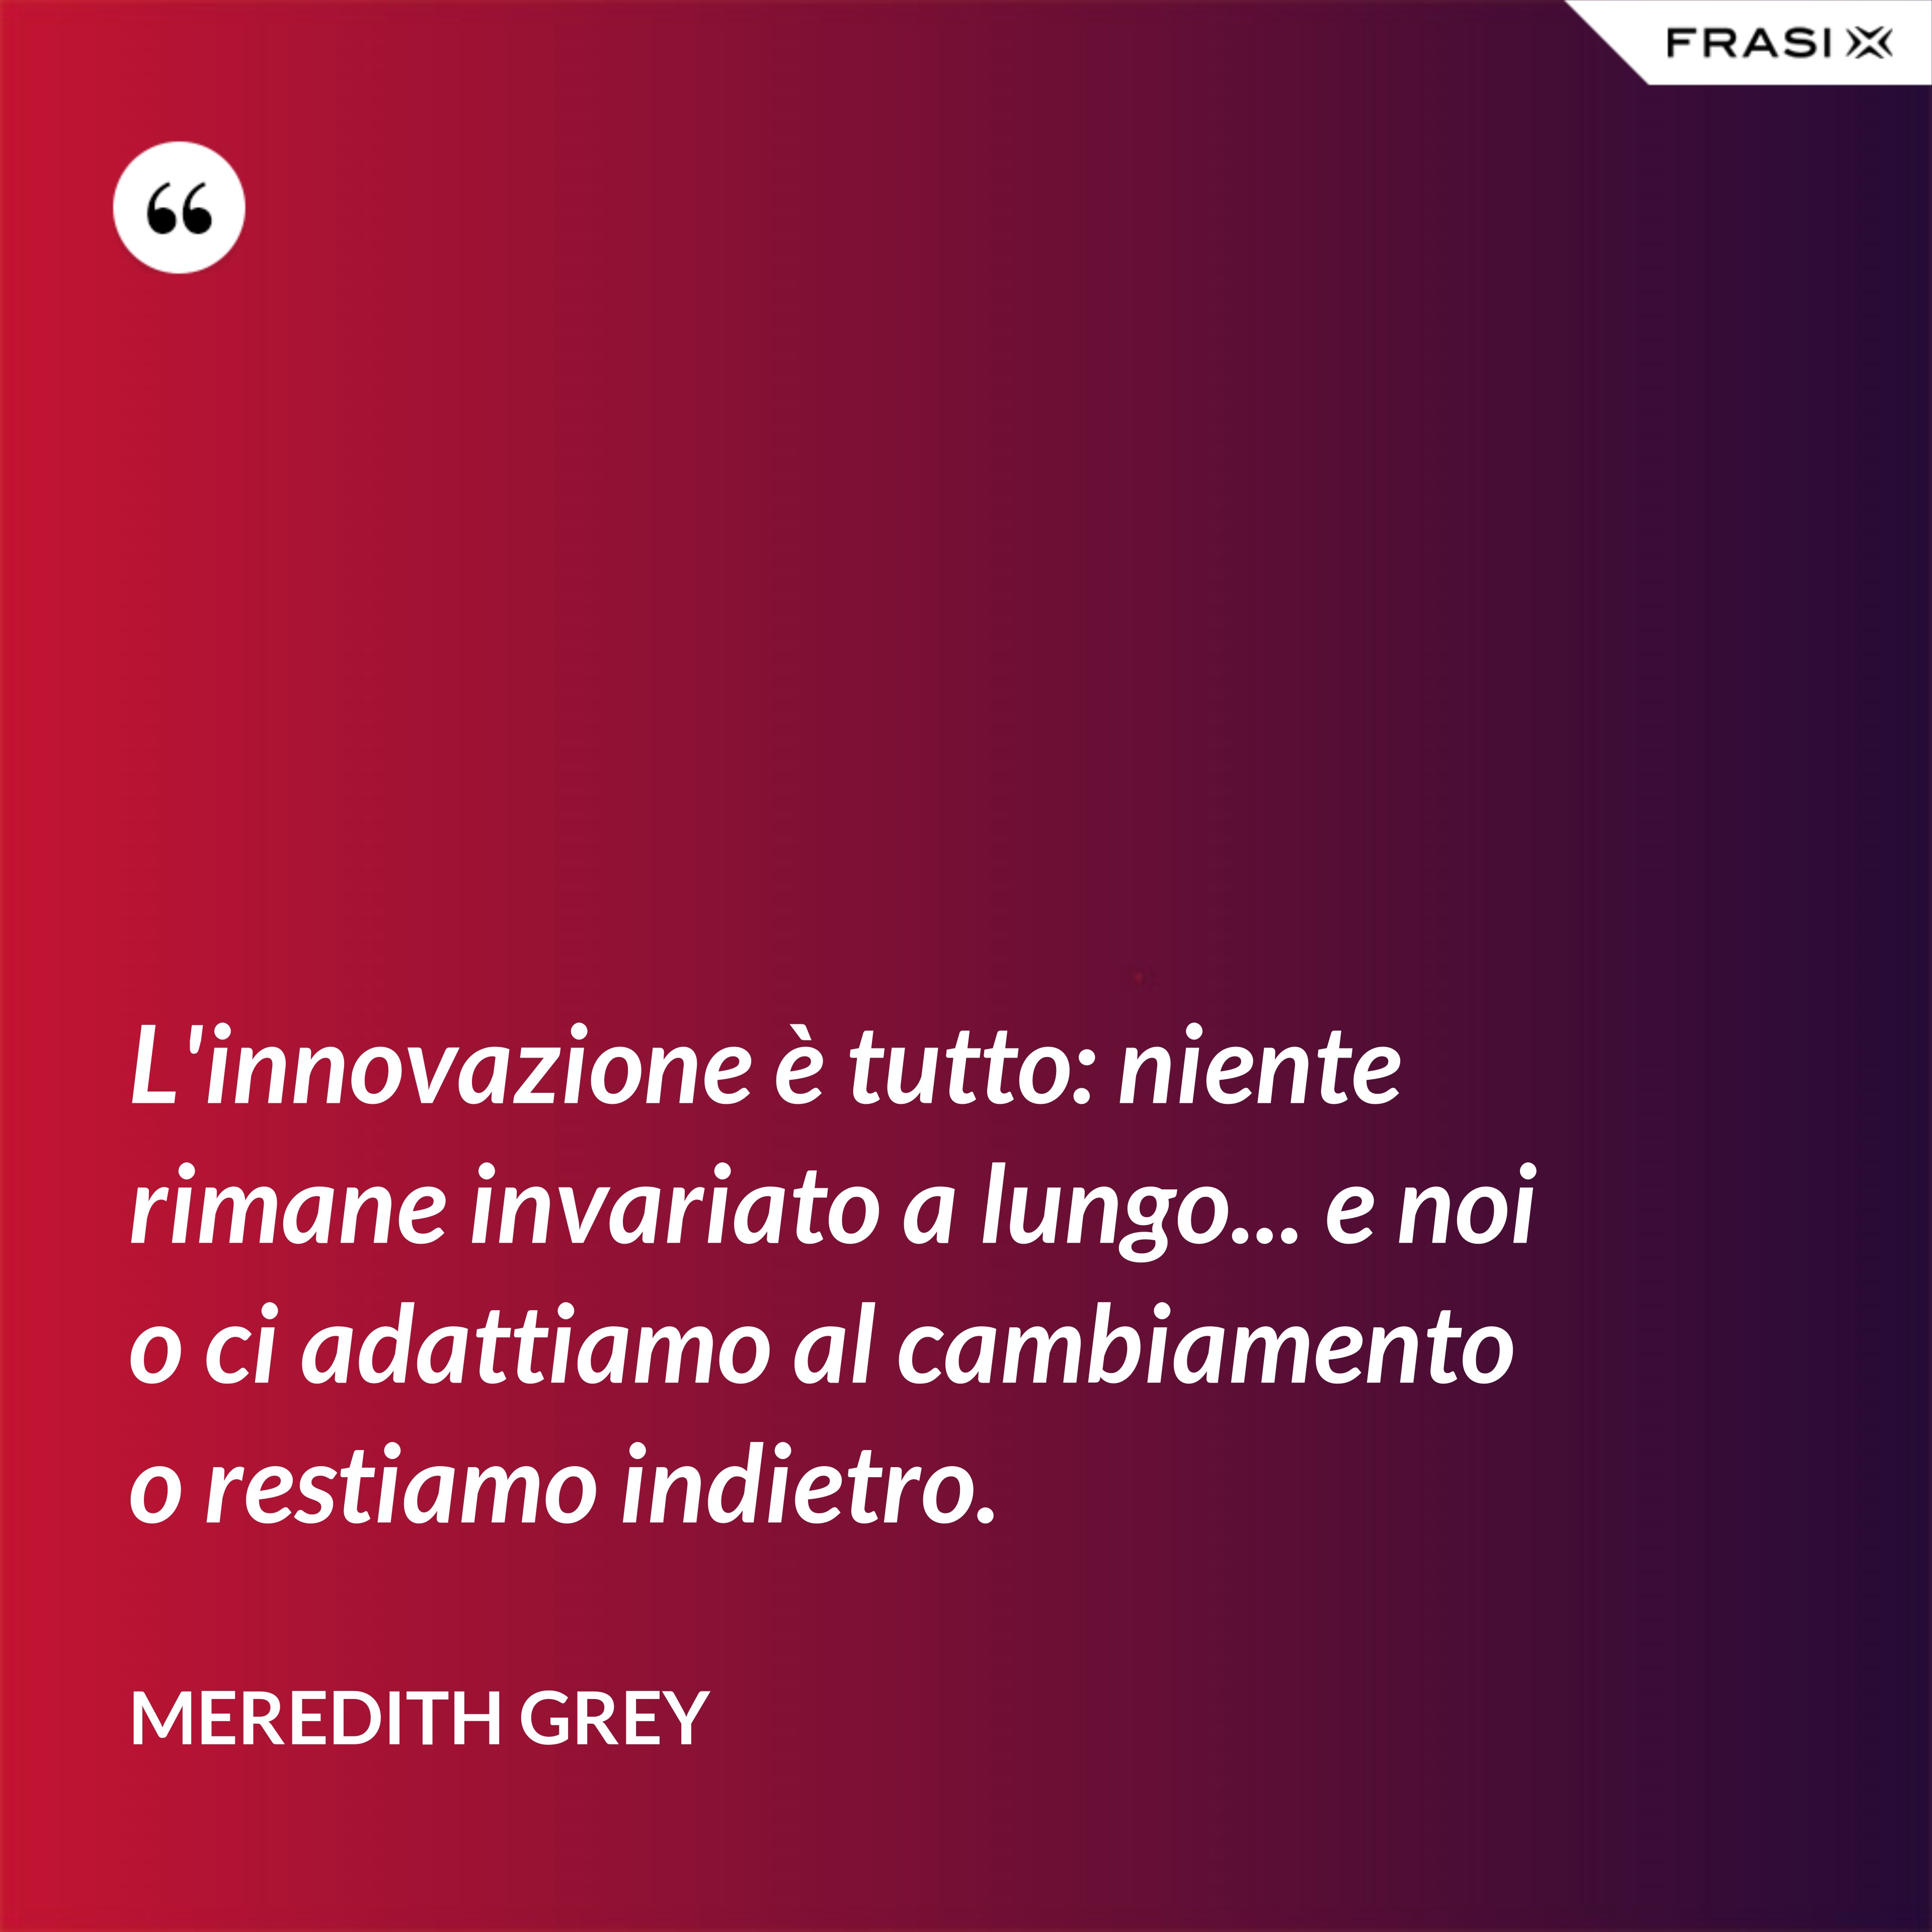 L'innovazione è tutto: niente rimane invariato a lungo... e noi o ci adattiamo al cambiamento o restiamo indietro. - Meredith Grey